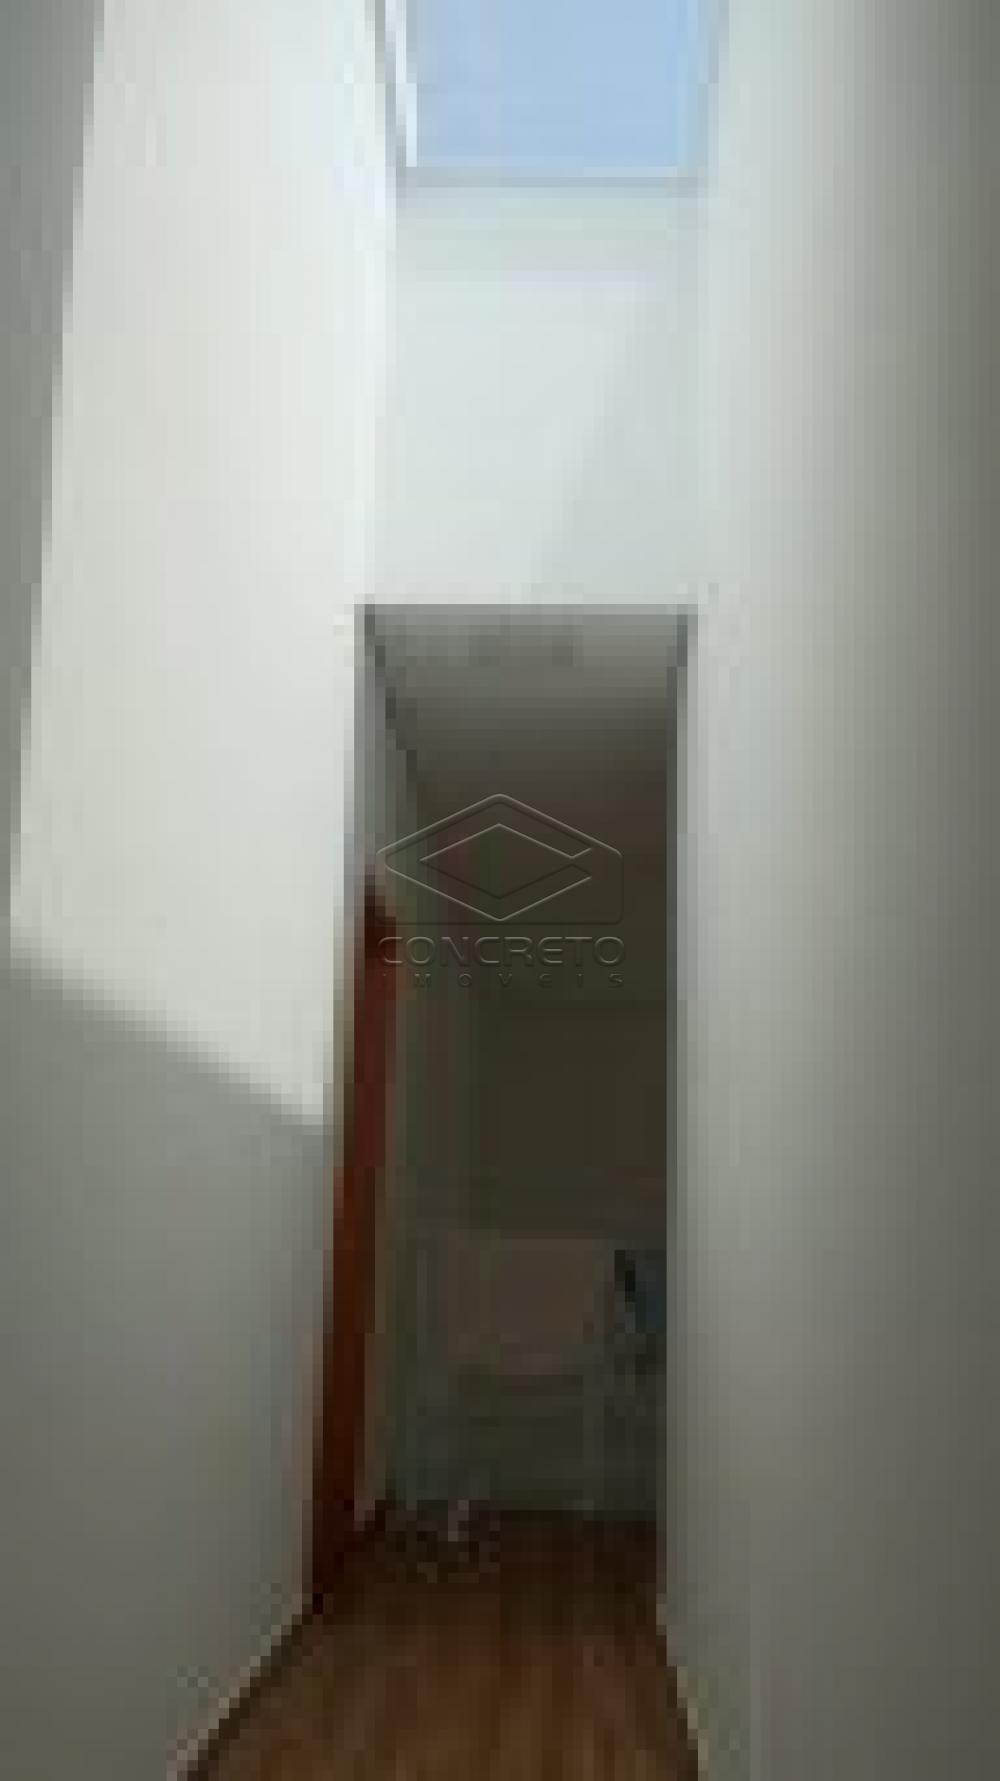 Comprar Casa / Padrão em Sao Manuel apenas R$ 650.000,00 - Foto 75